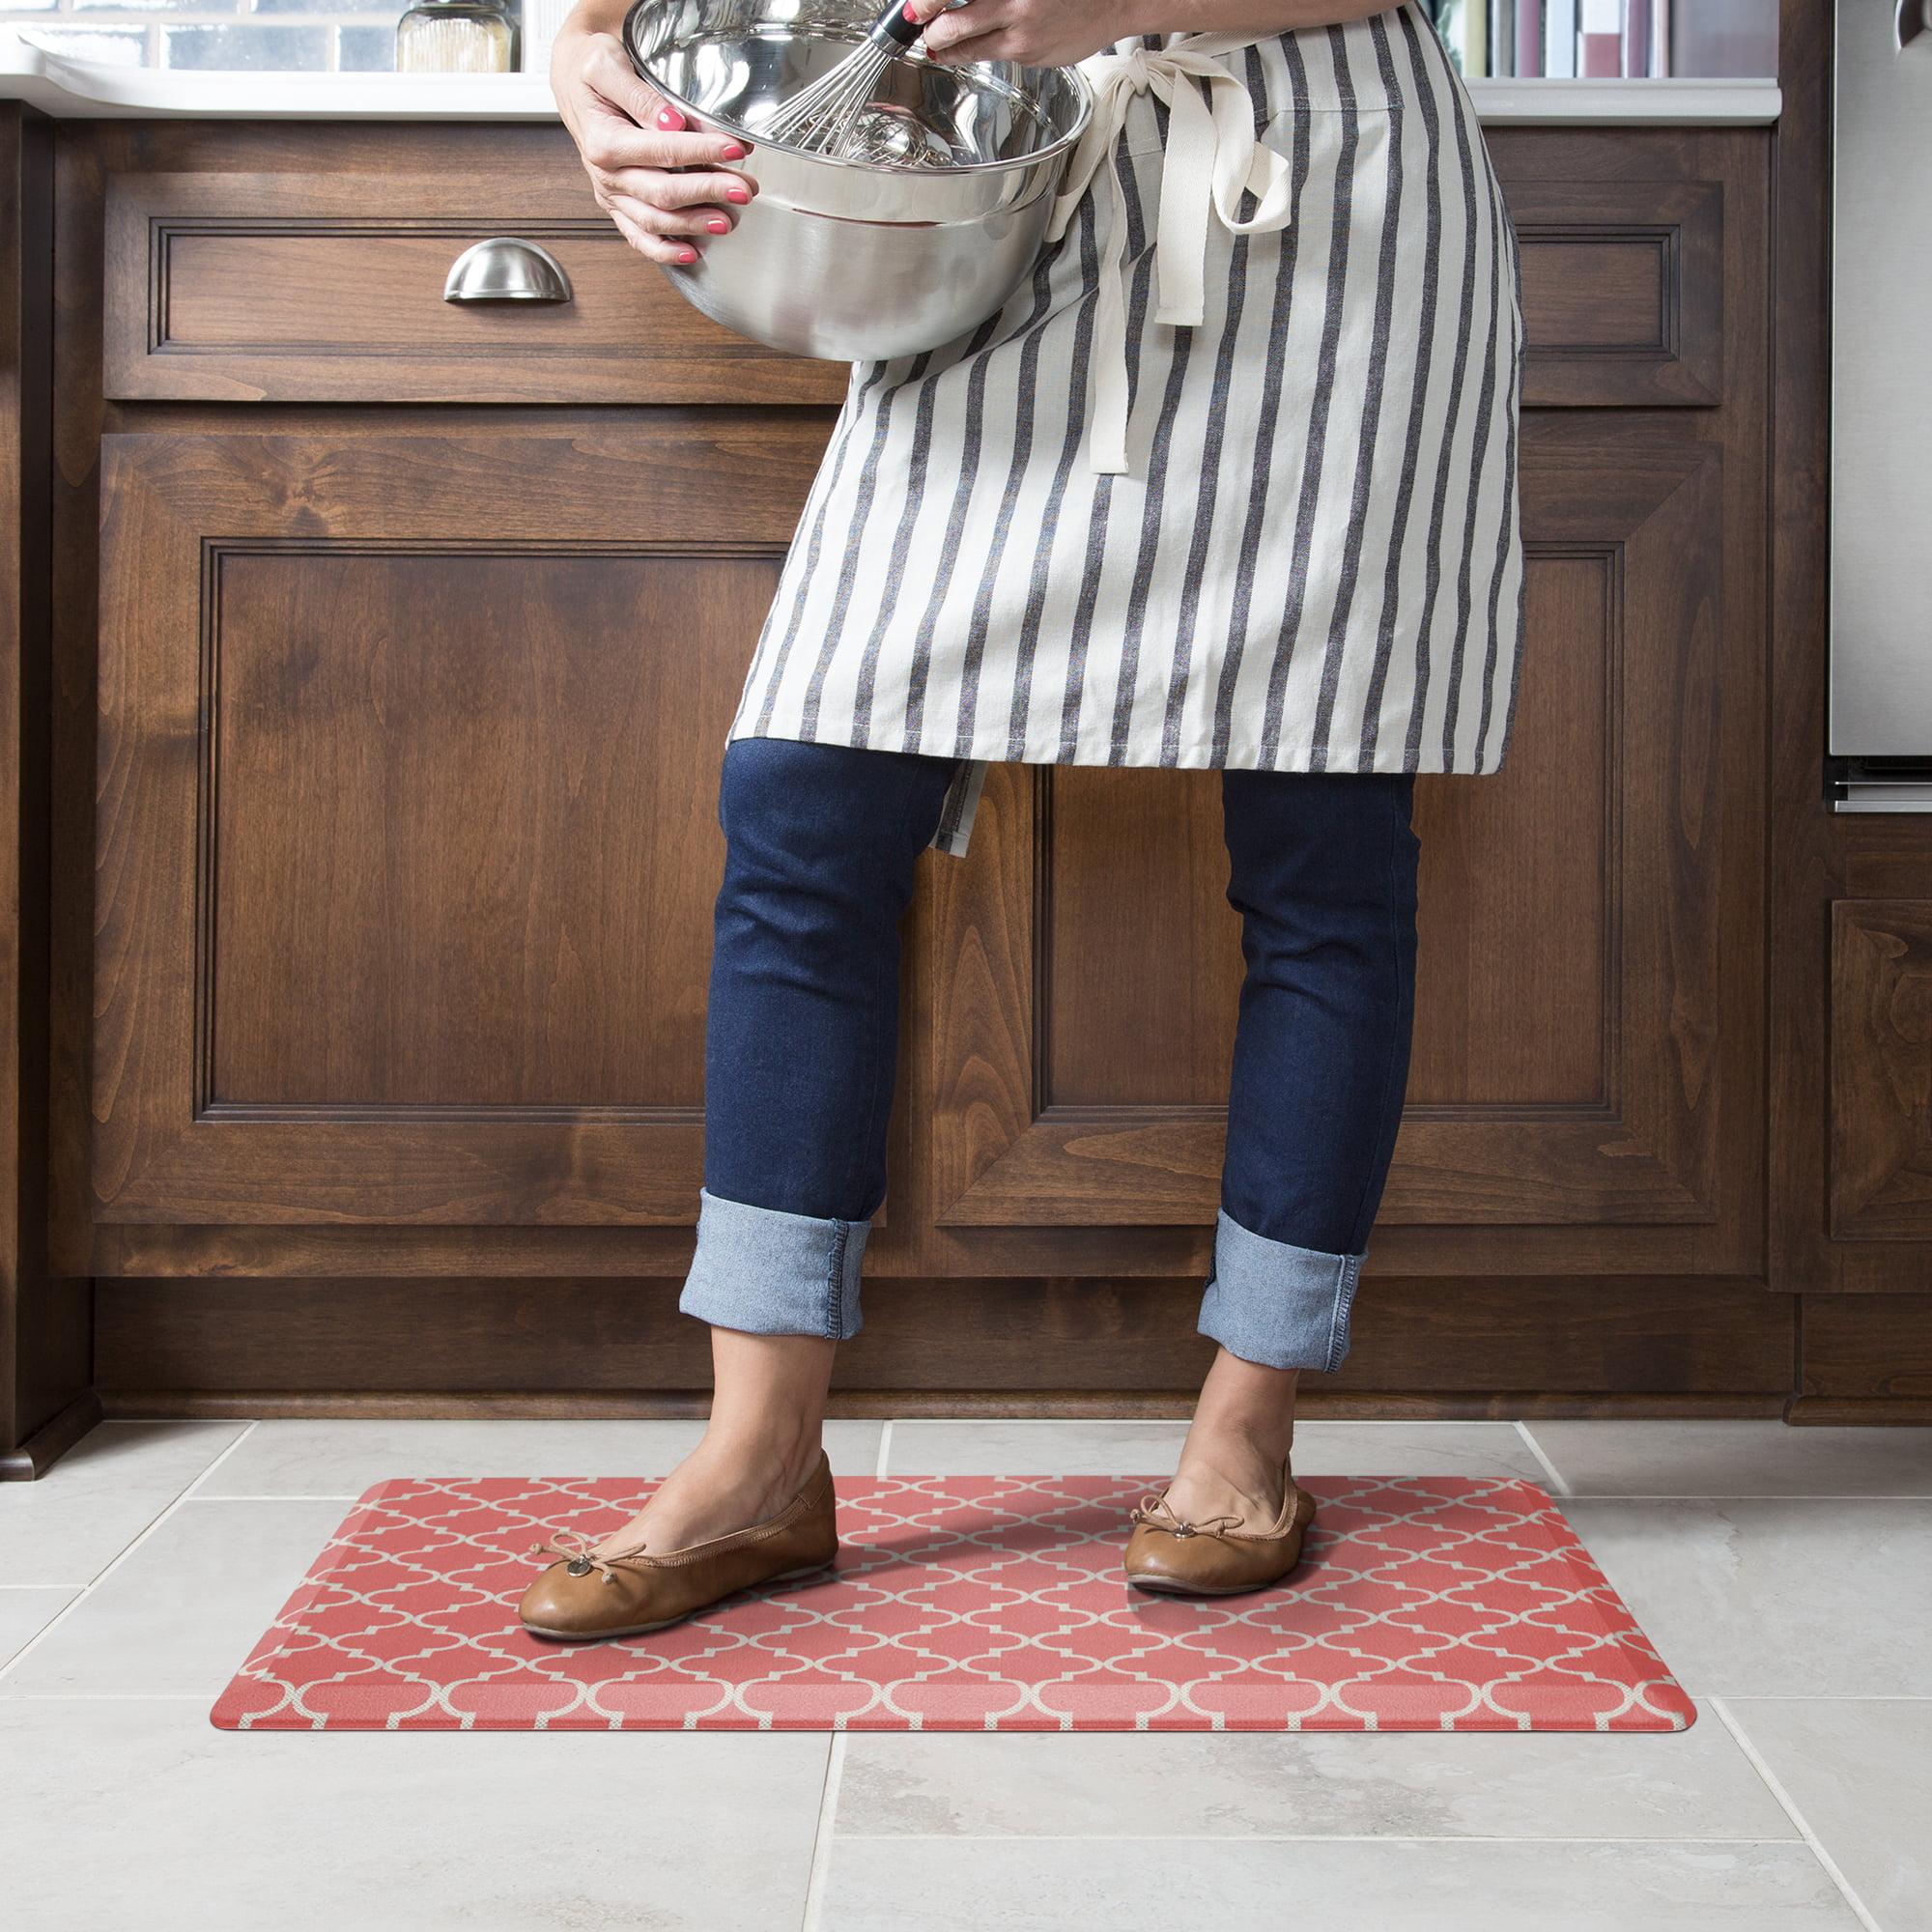 Comfort Anti Fatigue Kitchen Floor Mat